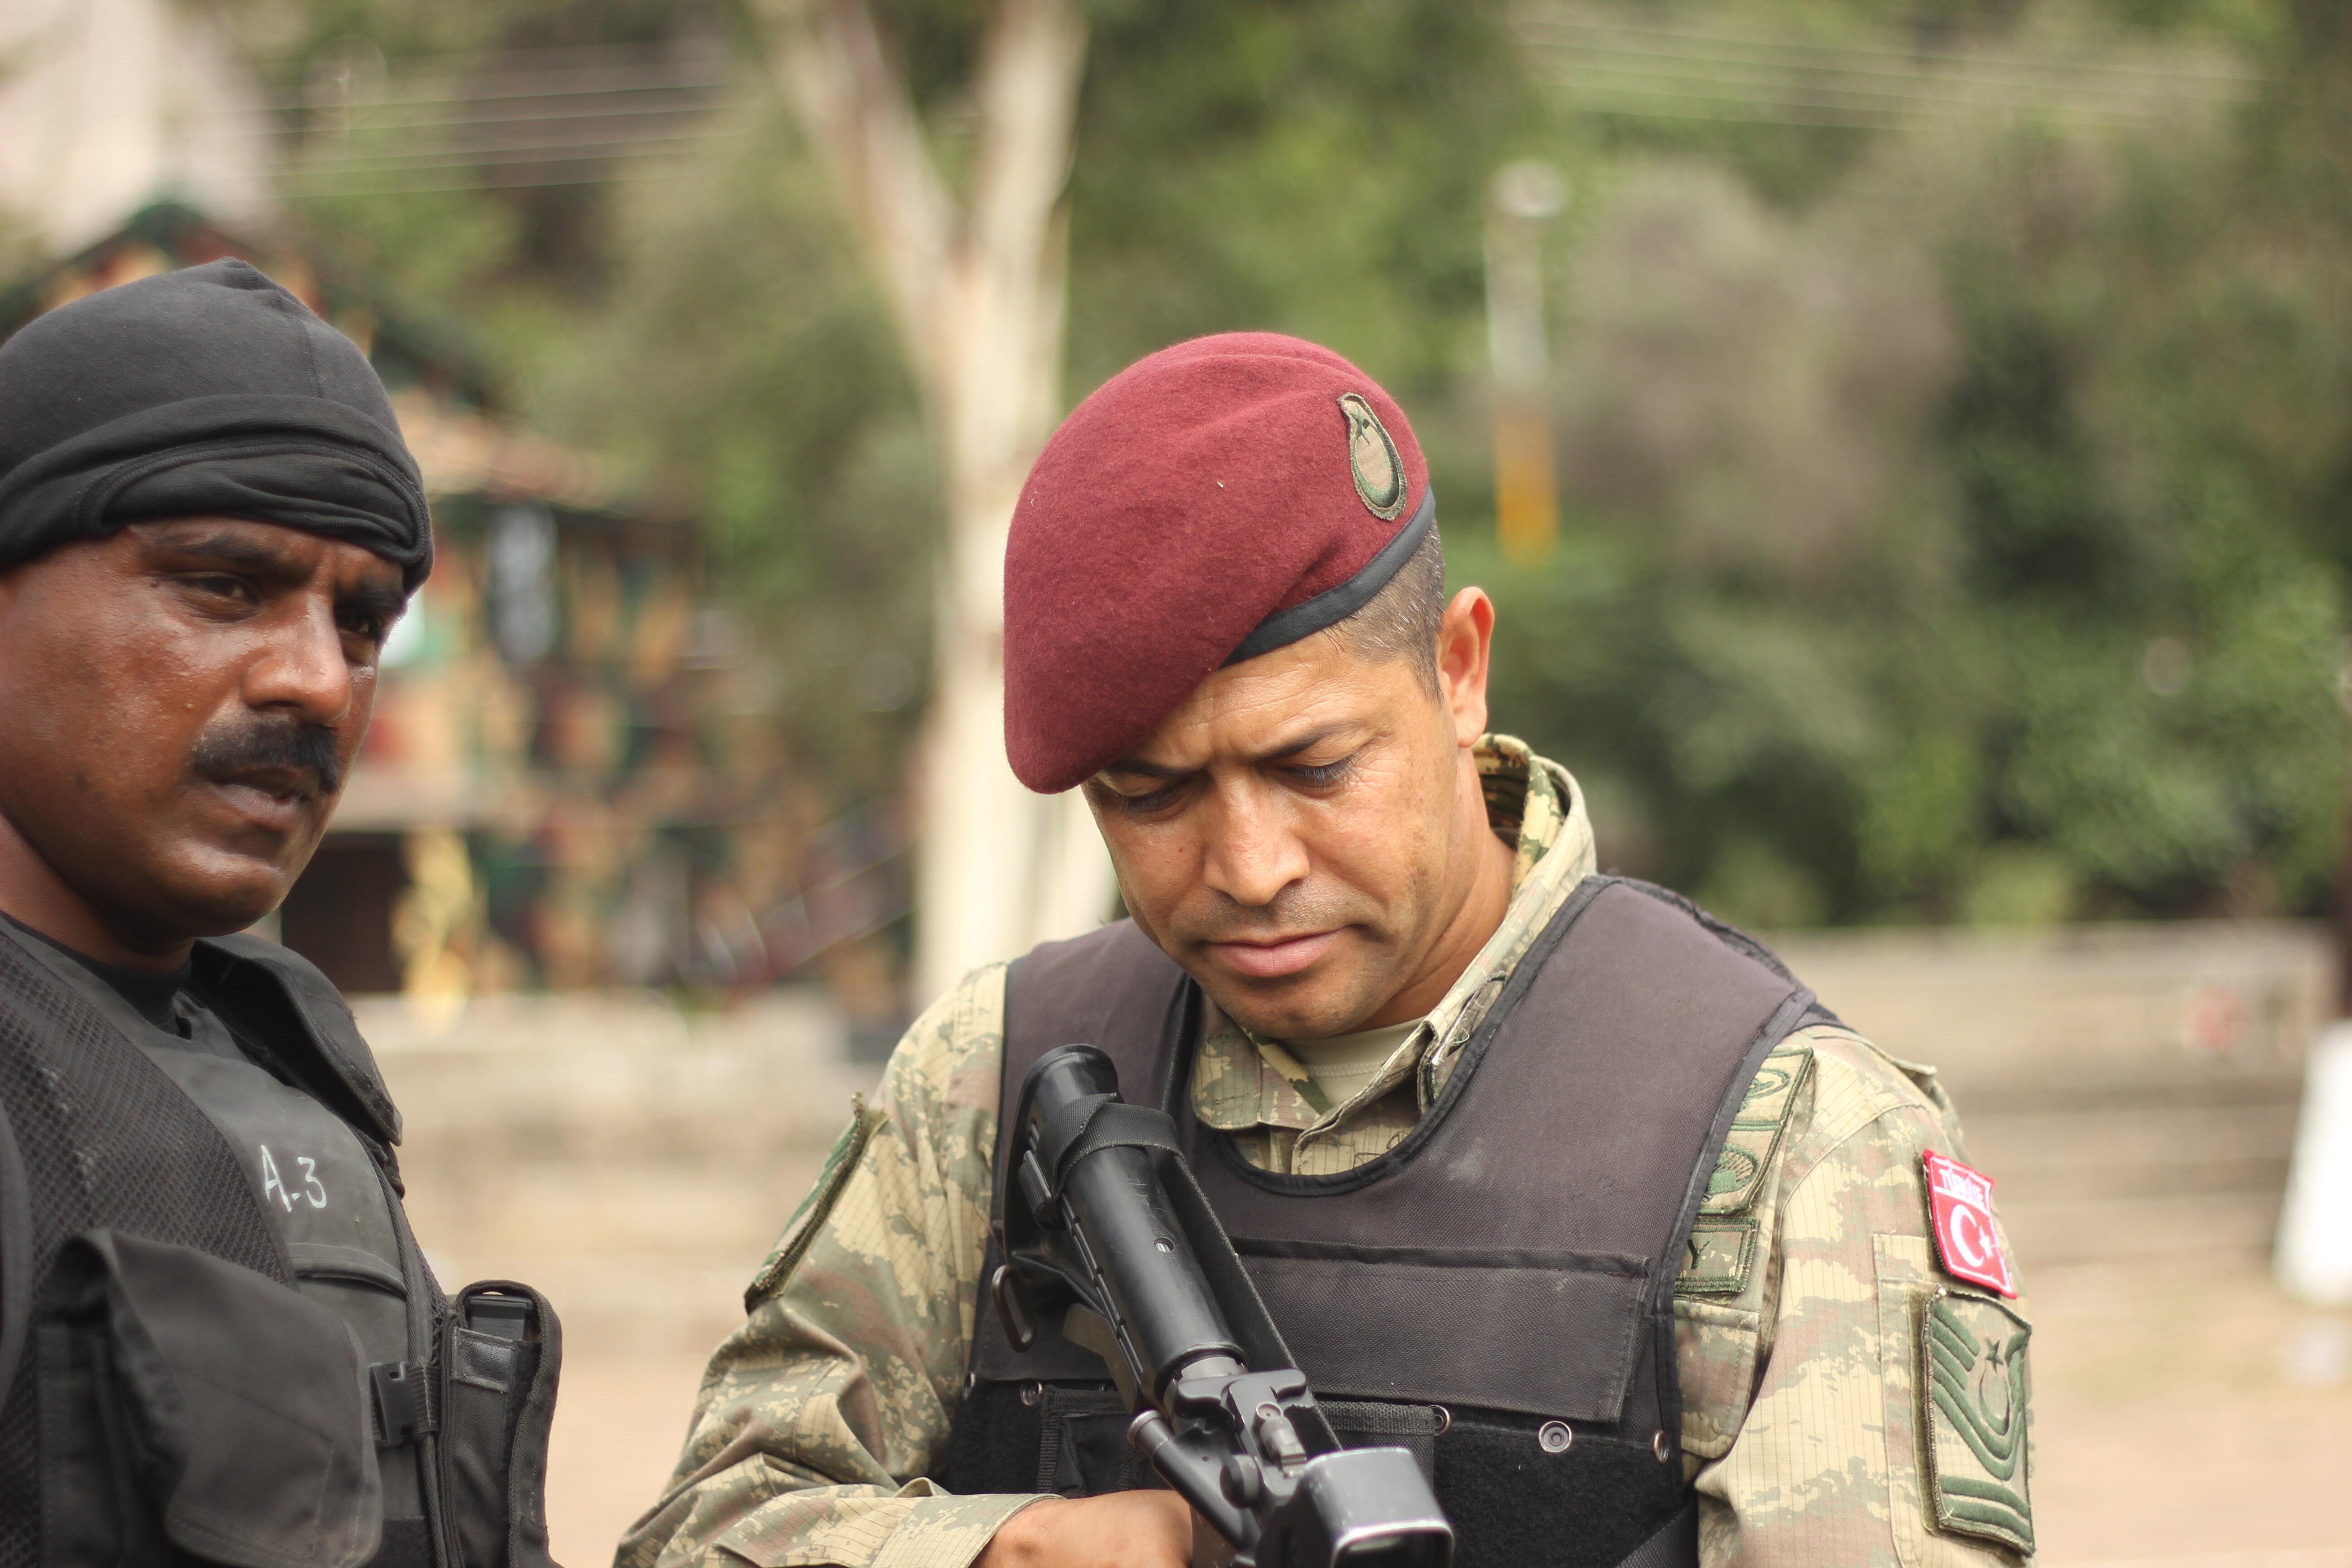 ÖKK mensubu bir uzman çavuş tarafından kaydedilen görüntülerde, kahraman astsubayın birbirinden farklı silah ve teçhizat kullandığı görülüyor.